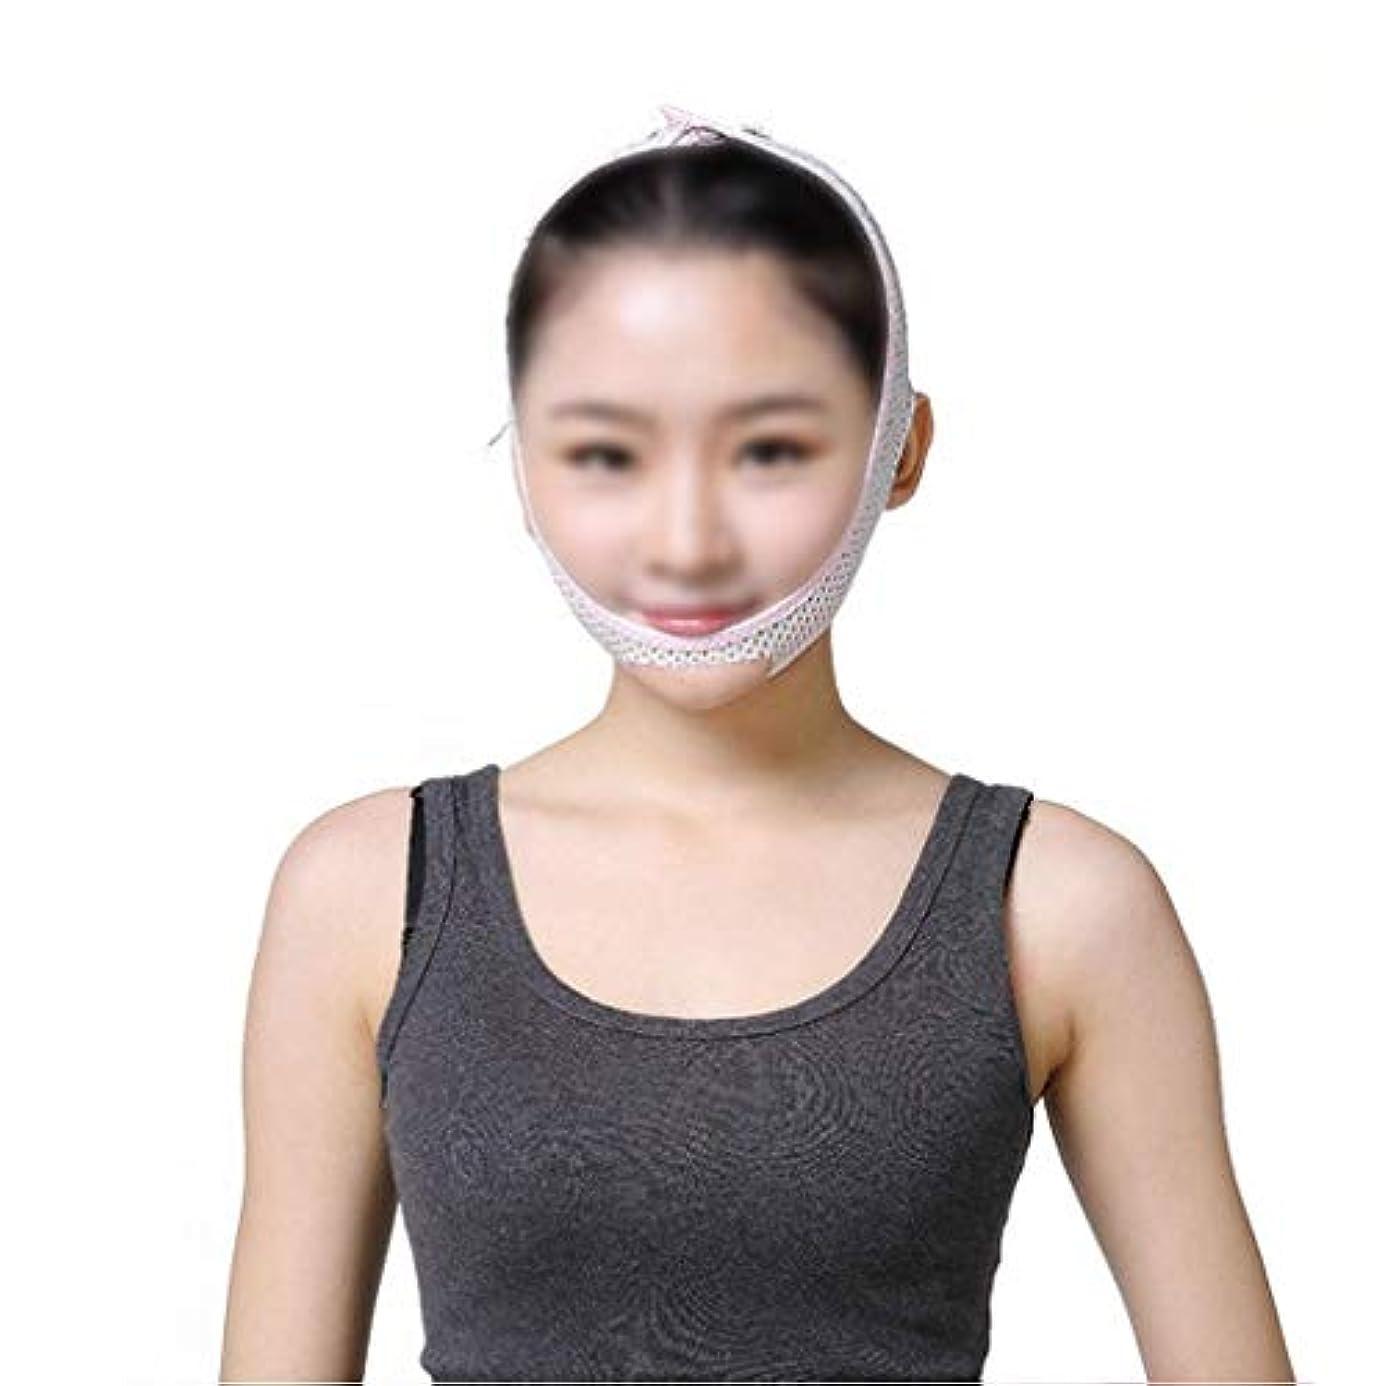 盆のぞき見浮浪者フェイスリフティングマスク、快適で リフティングスキンファーミングスリープシンフェイスアーティファクトアンチリンクル/リムーブダブルチン/術後回復マスク(サイズ:M)